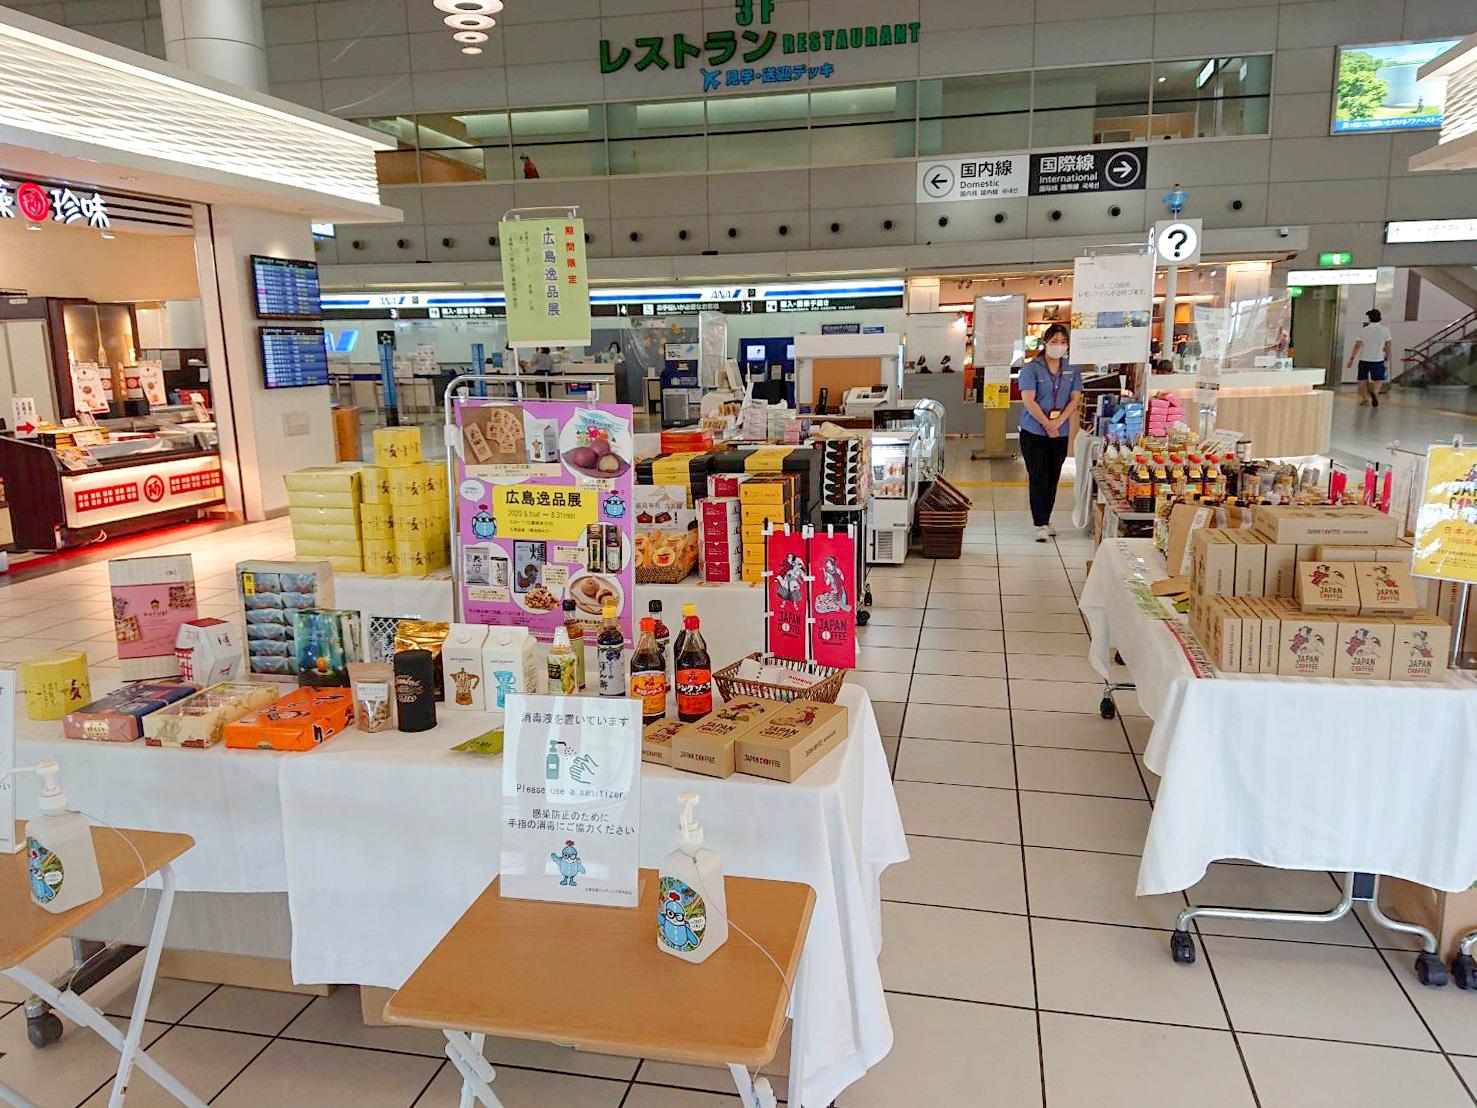 広島逸品店